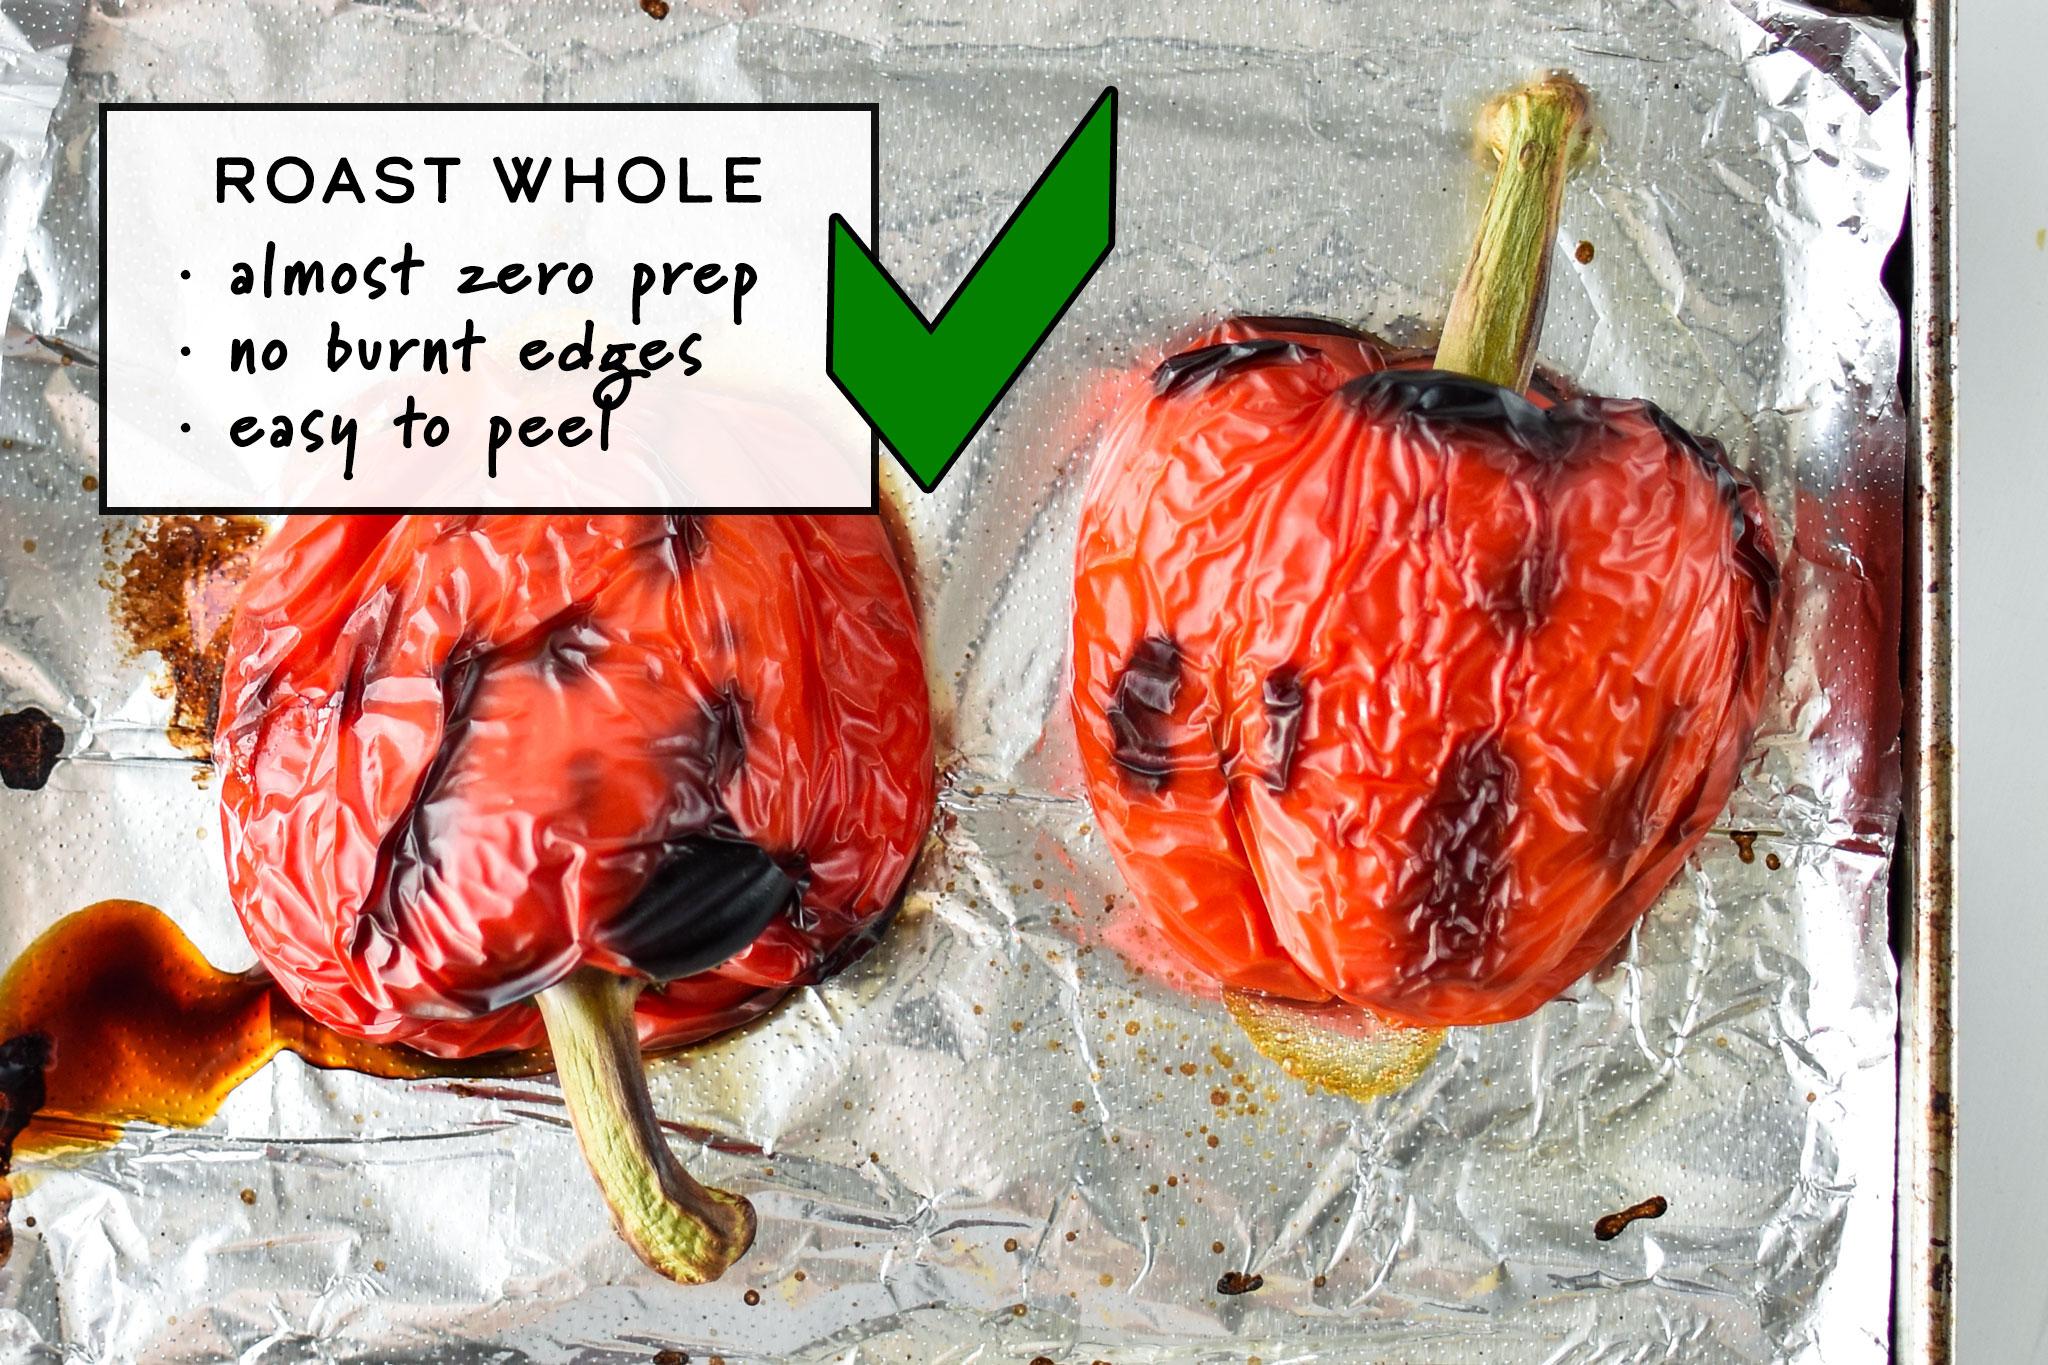 Do roast peppers whole - zero prep, no burnt edges, easy to peel